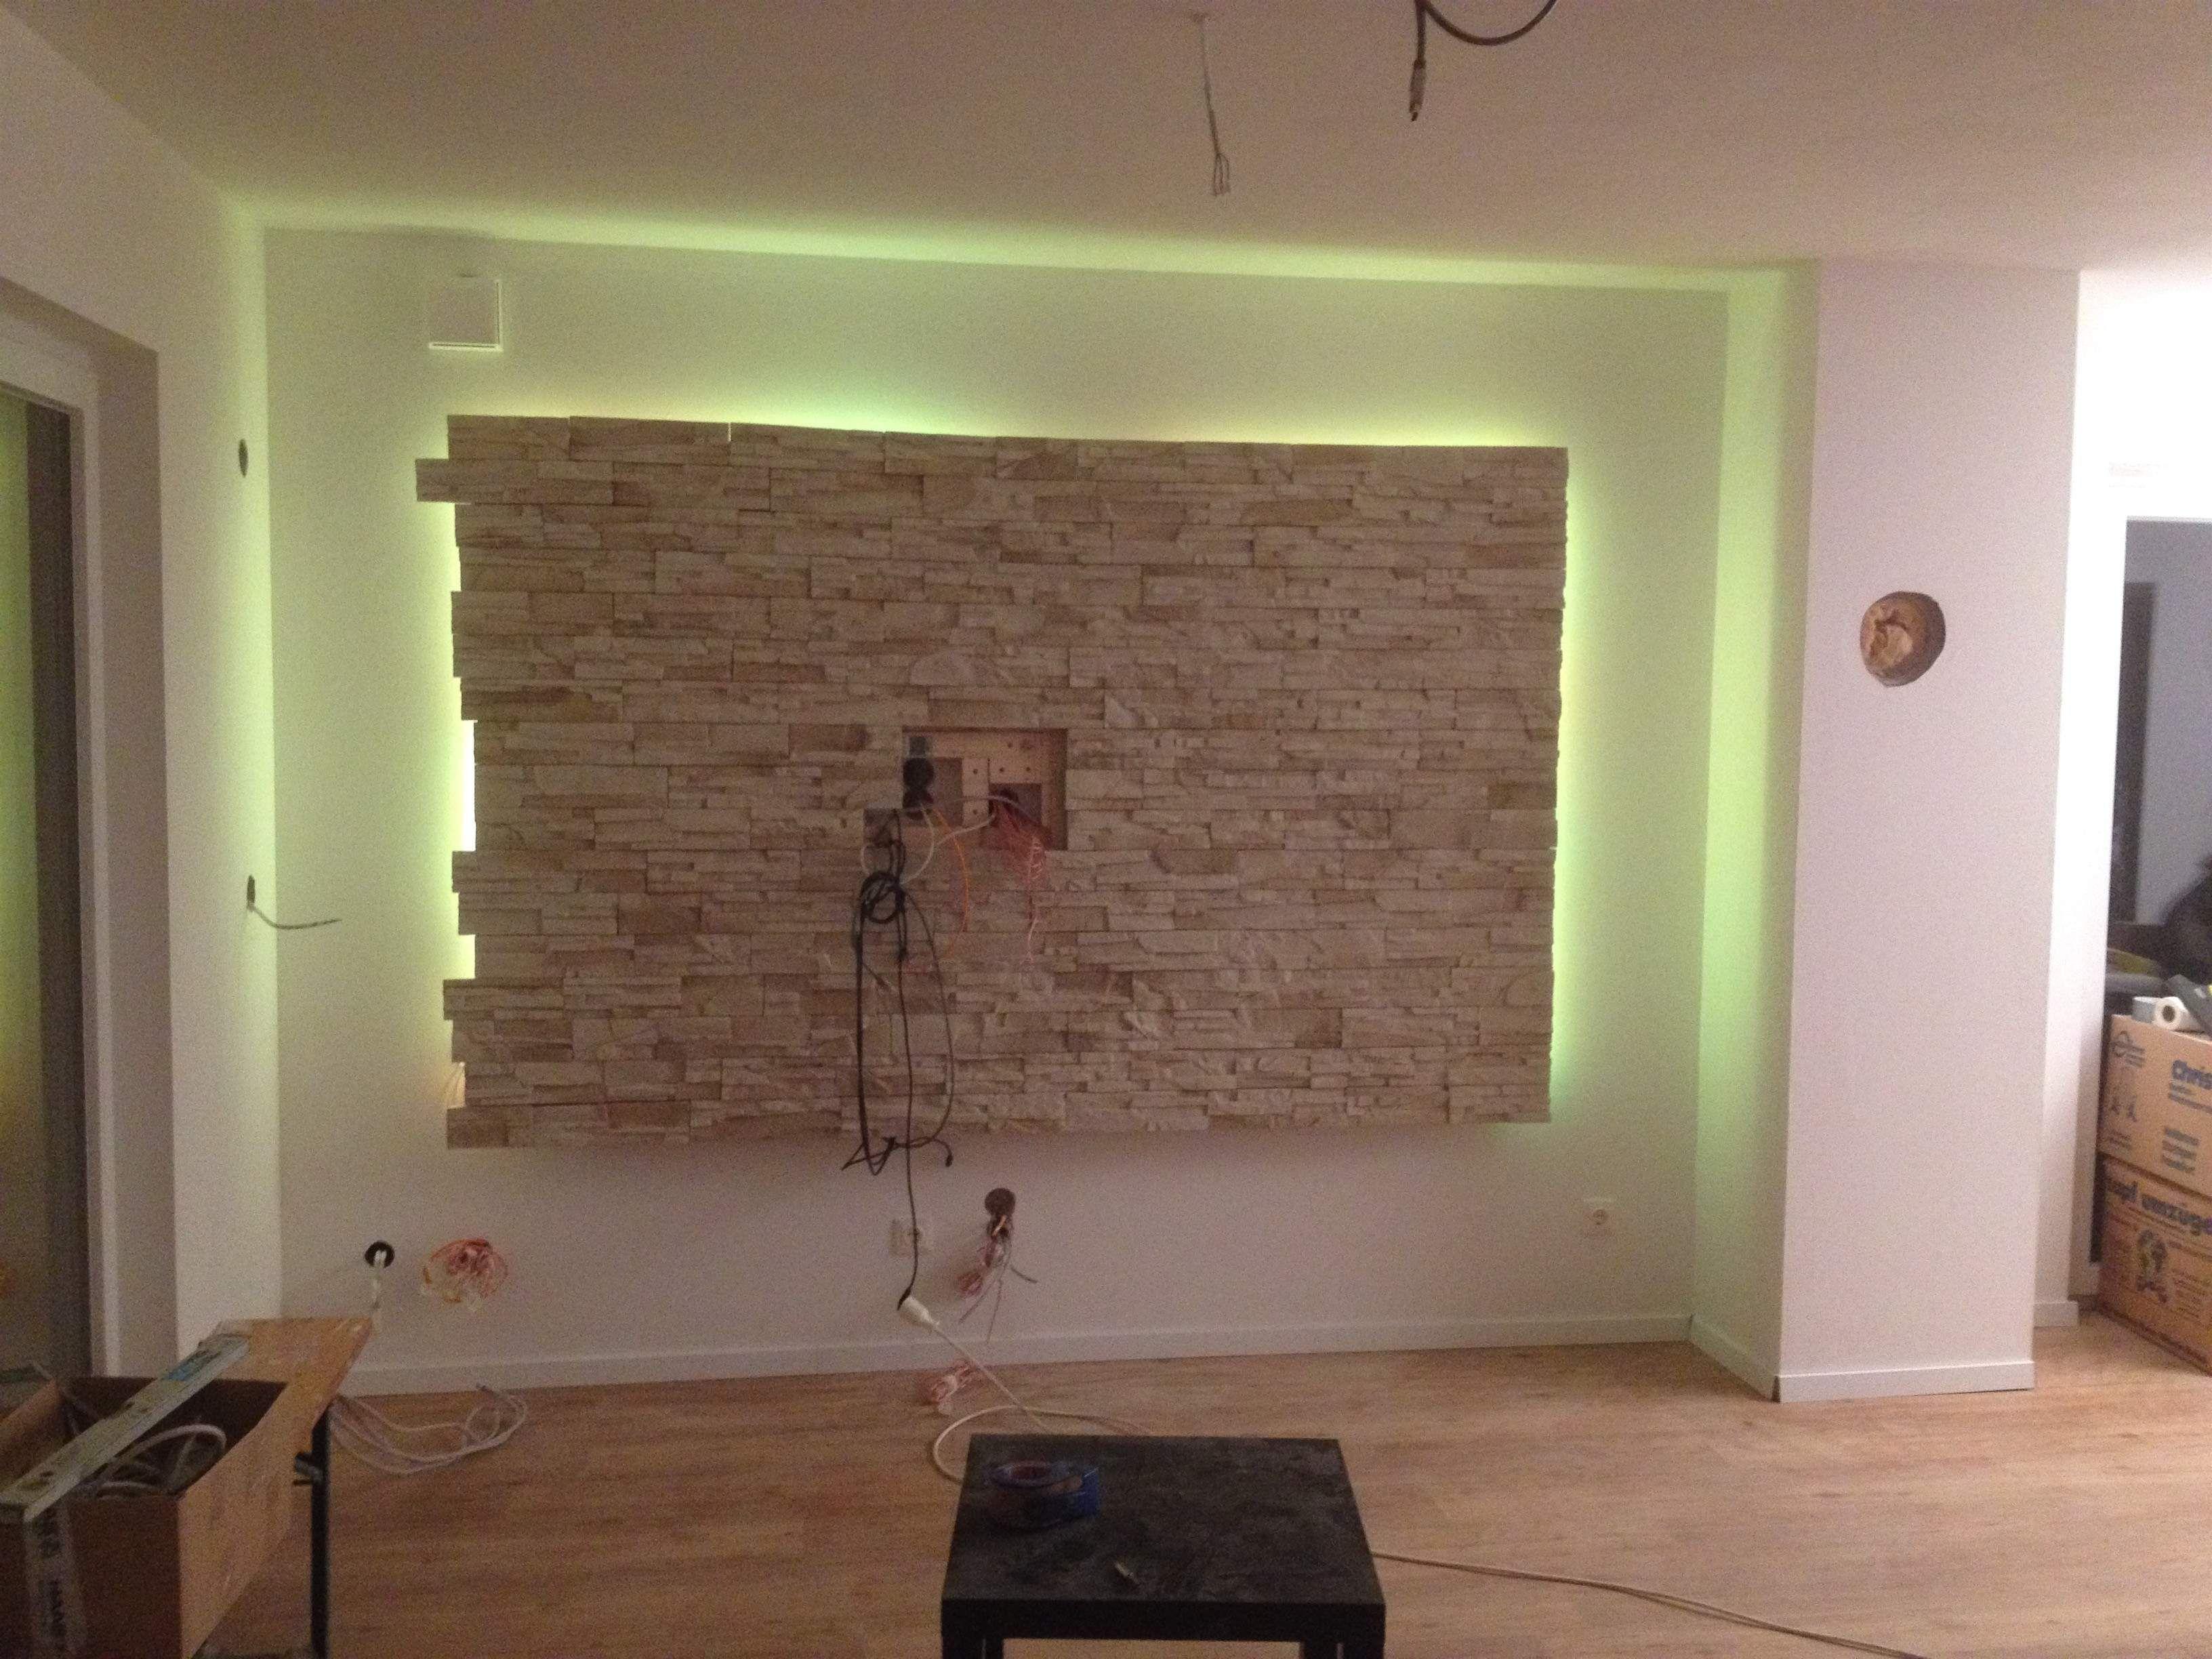 15+ Wohnzimmer Deckenbeleuchtung Ideen,Außendesign